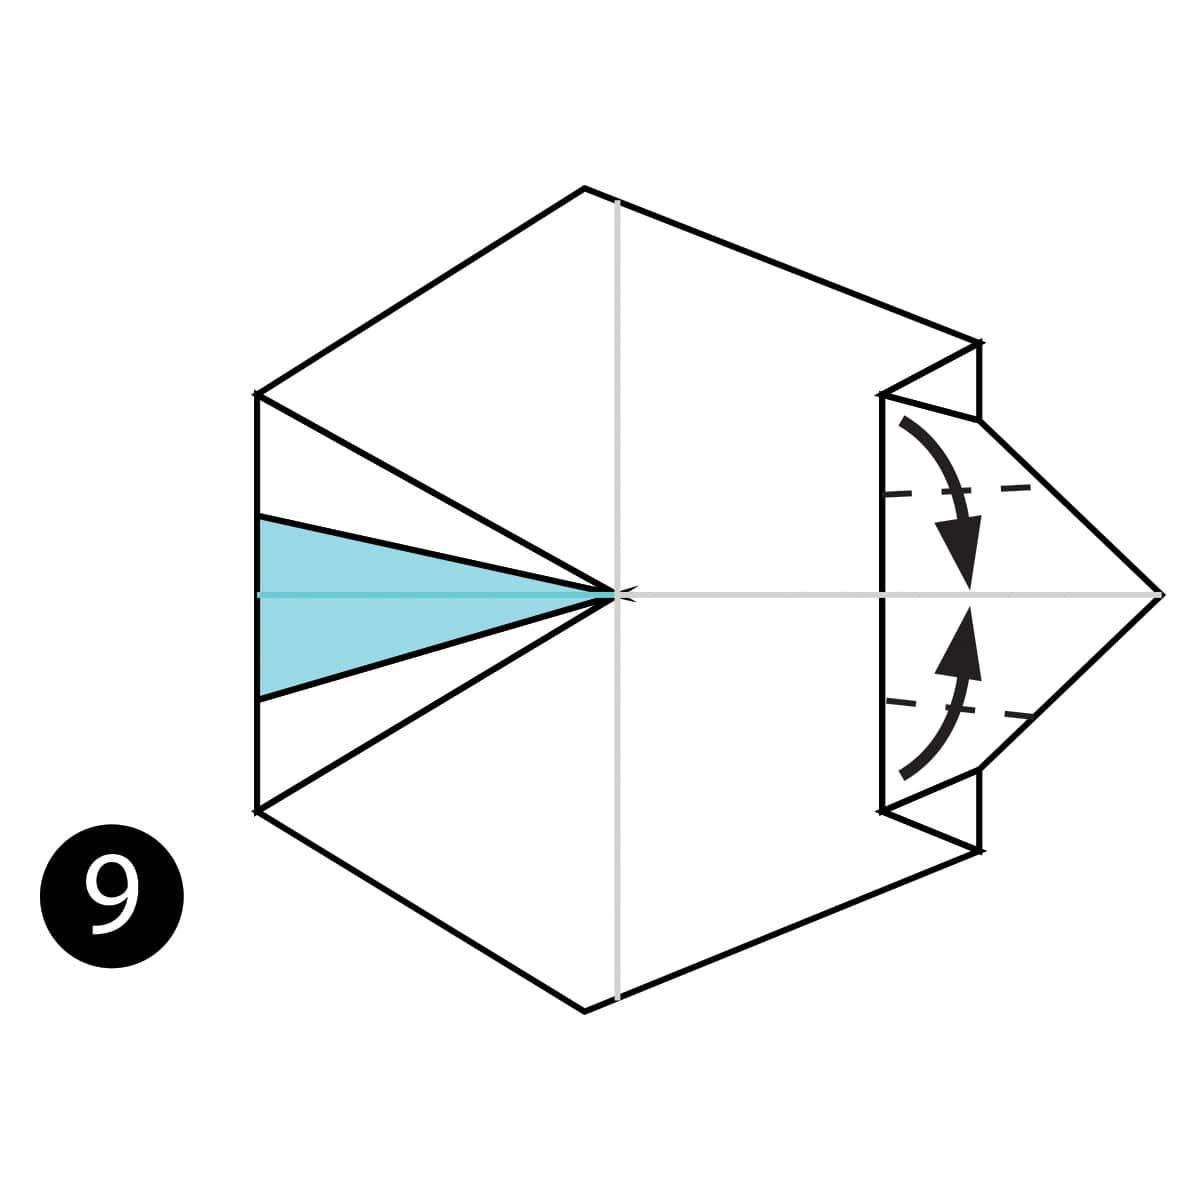 Blowfish Step 9